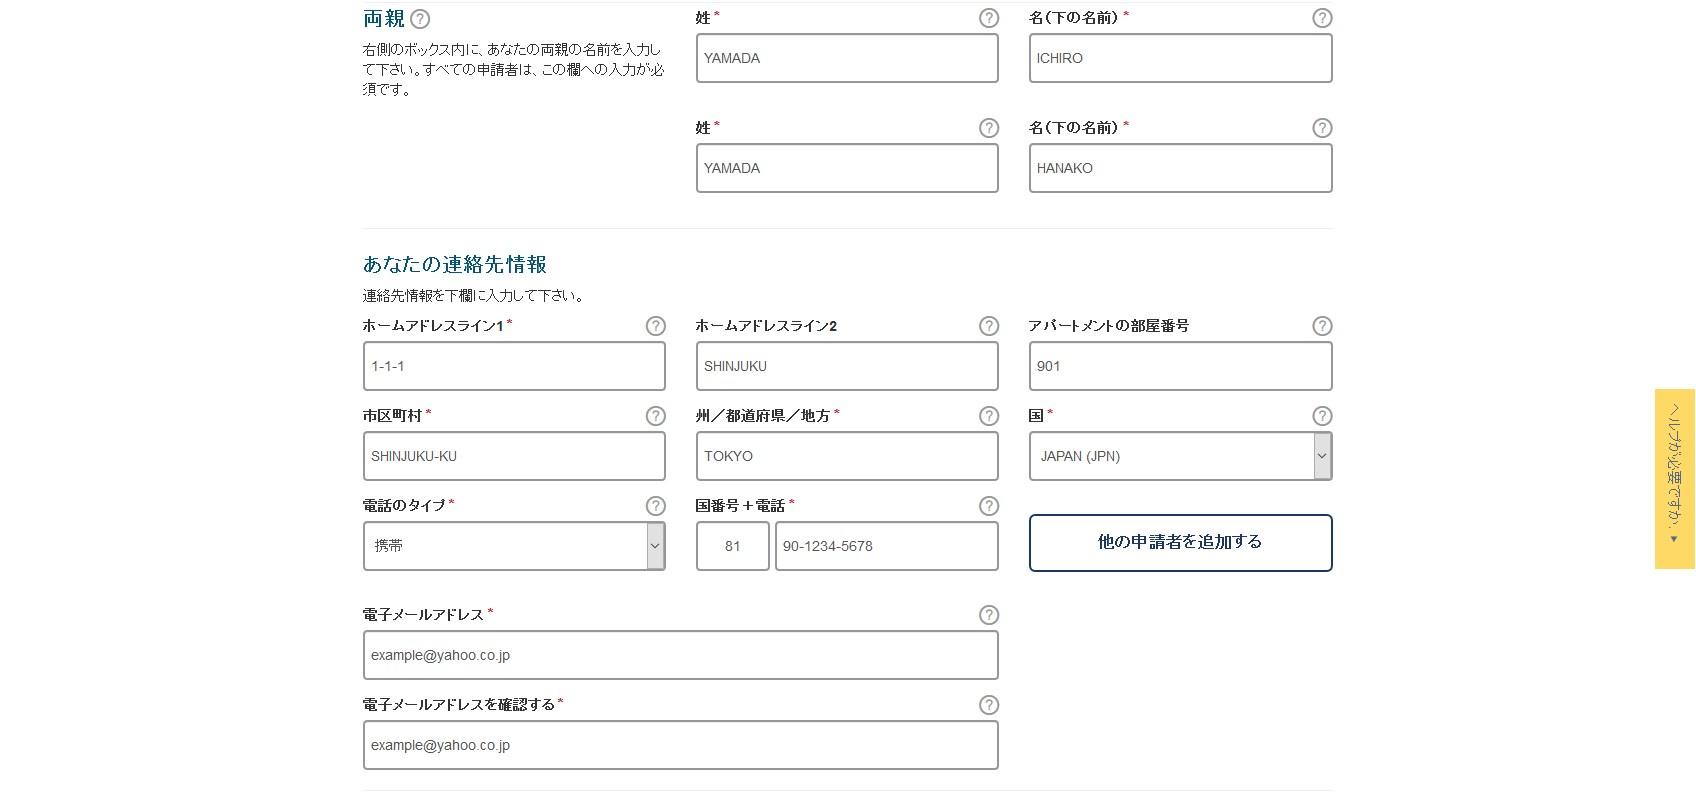 申請者の情報入力例05_両親、あなたの連絡先情報